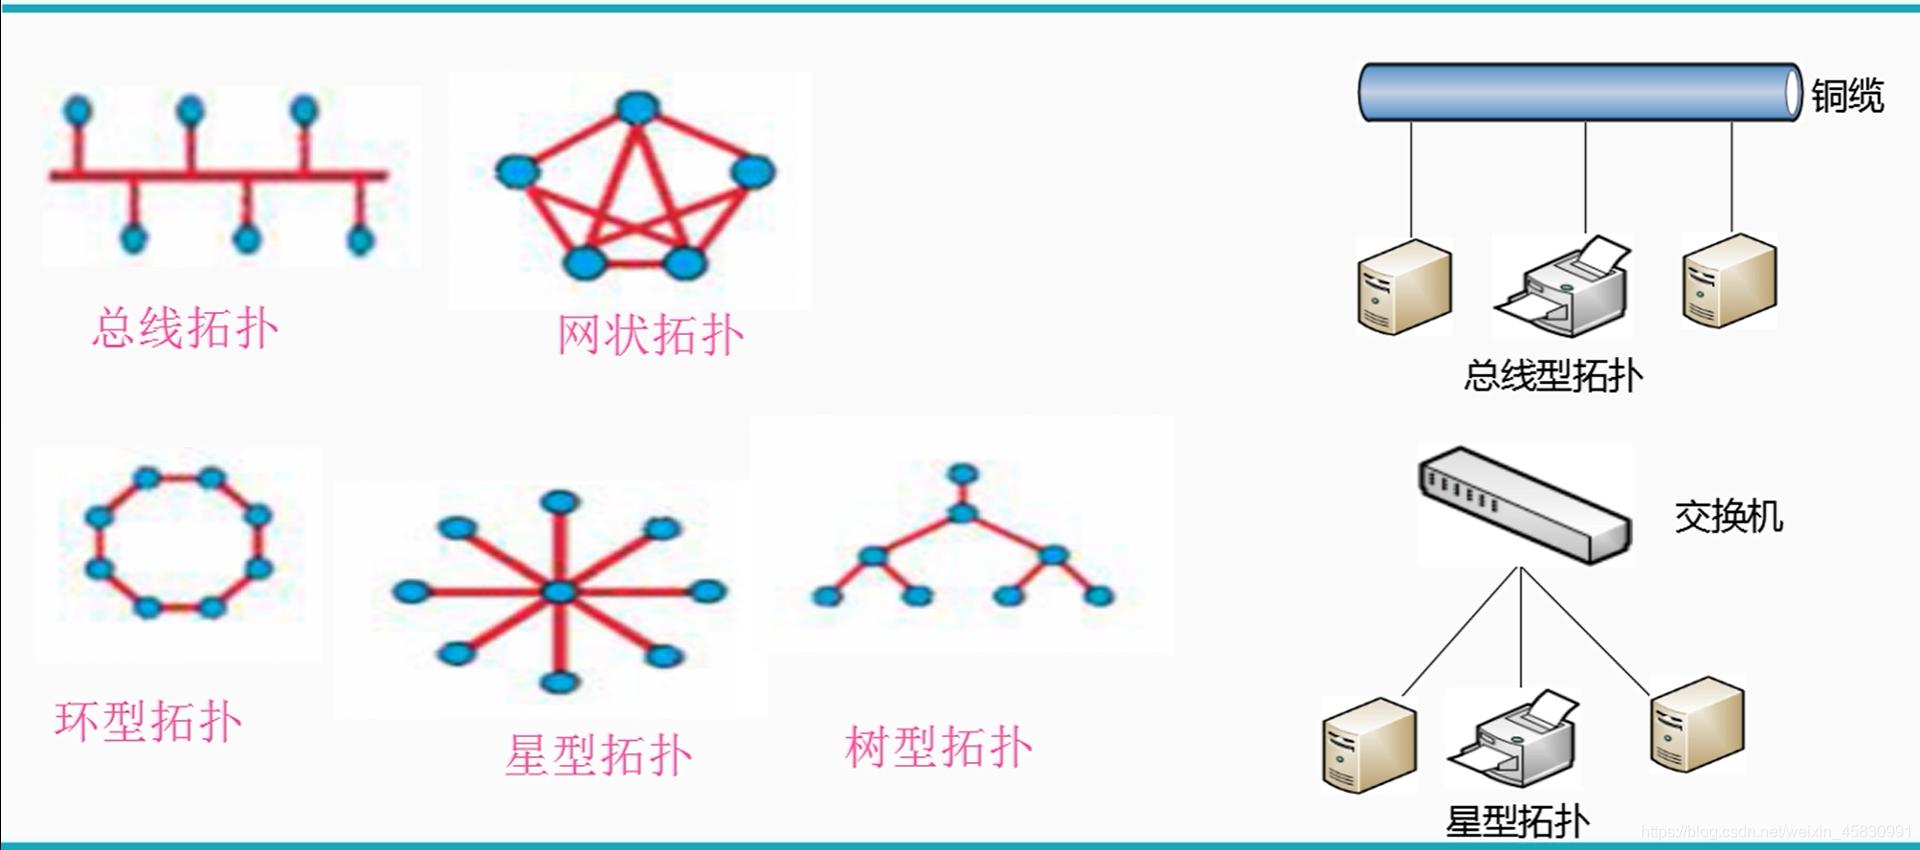 以太网的几种网络拓扑